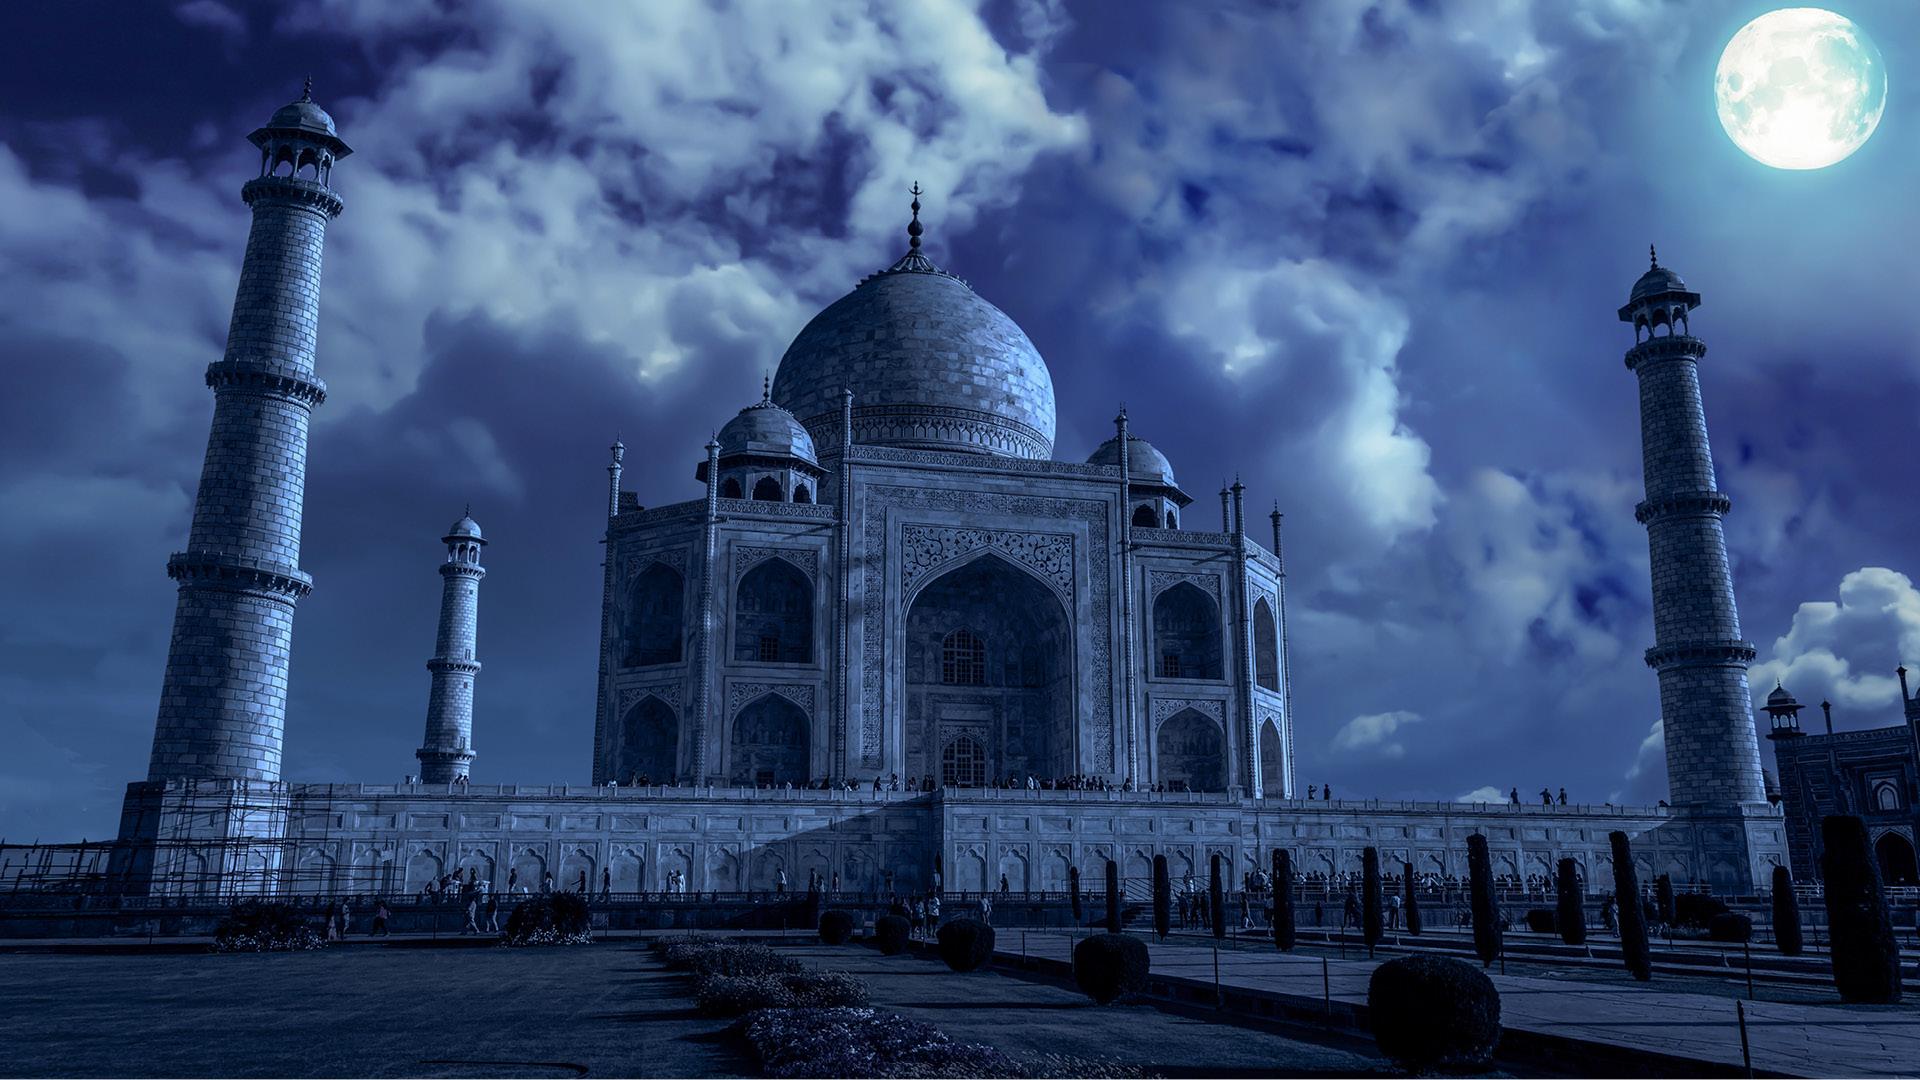 Contempla la belleza del Taj Mahal en una noche de luna llena